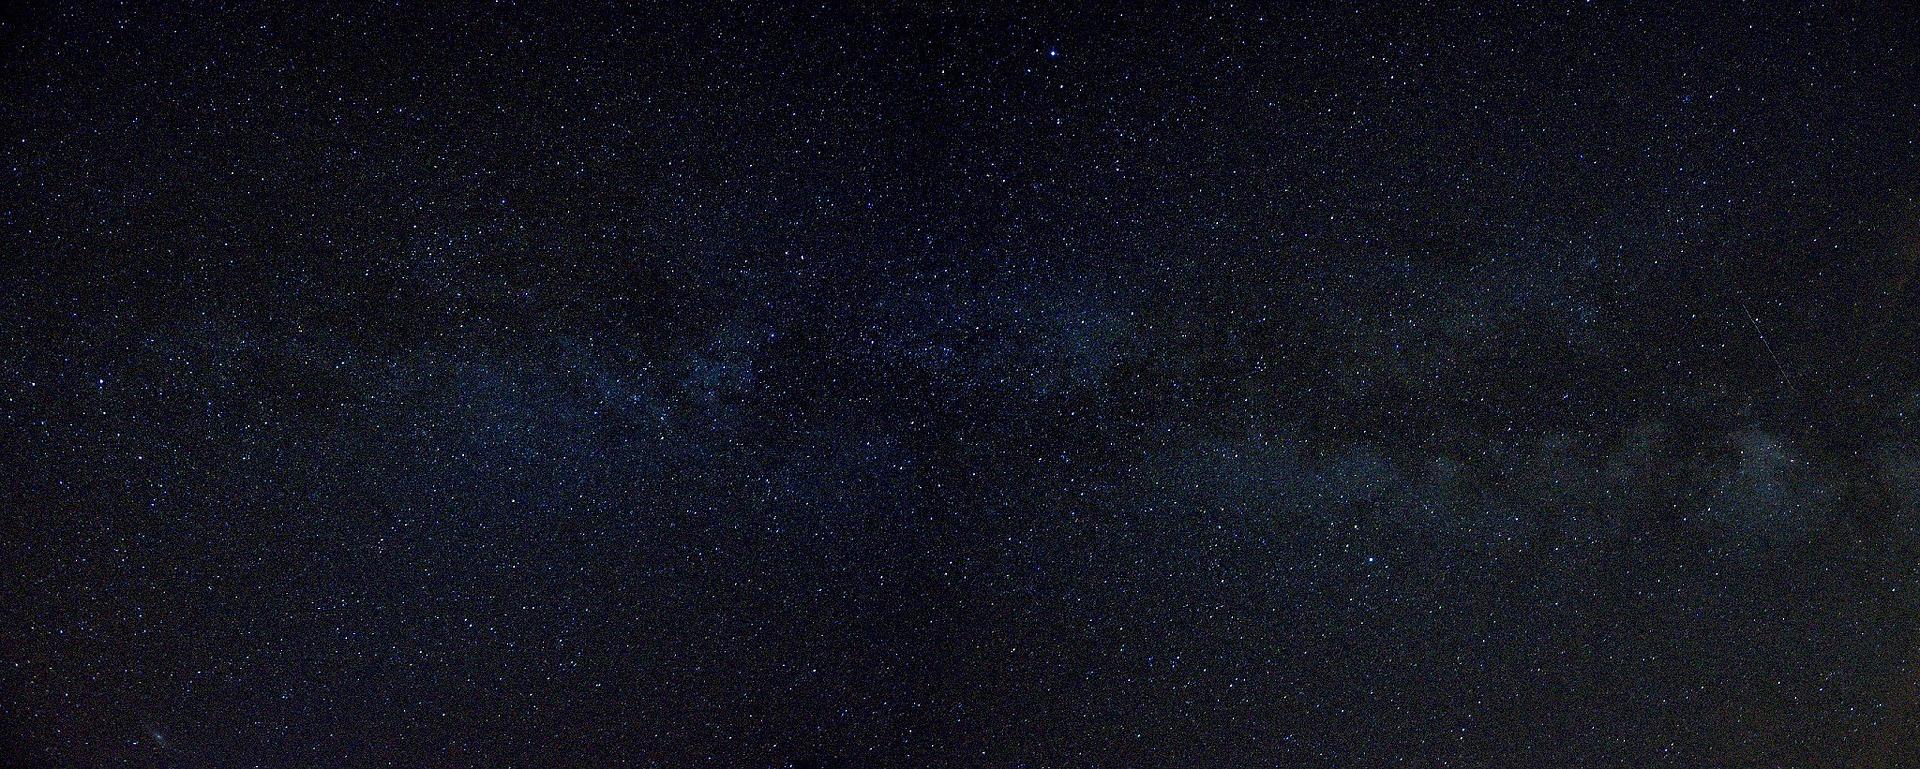 Tres brechas y materia oscura